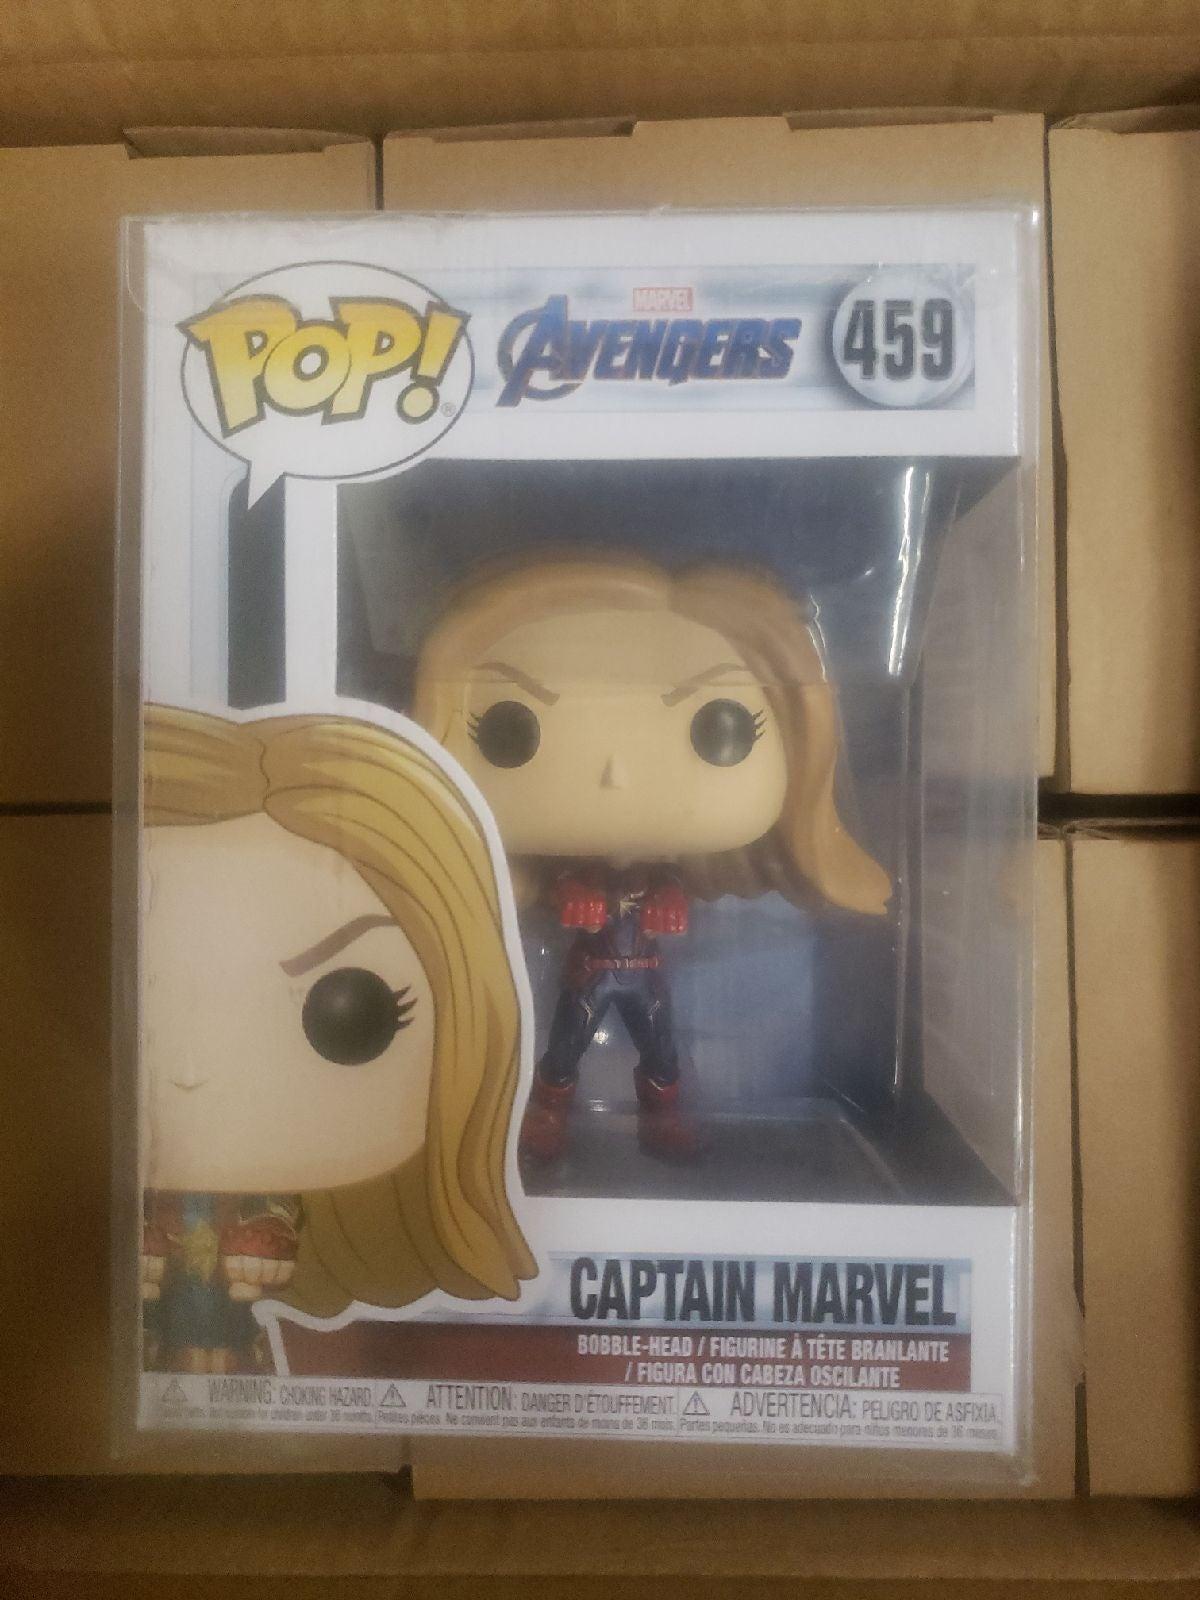 Captain Marvel Avengers 459 Funko